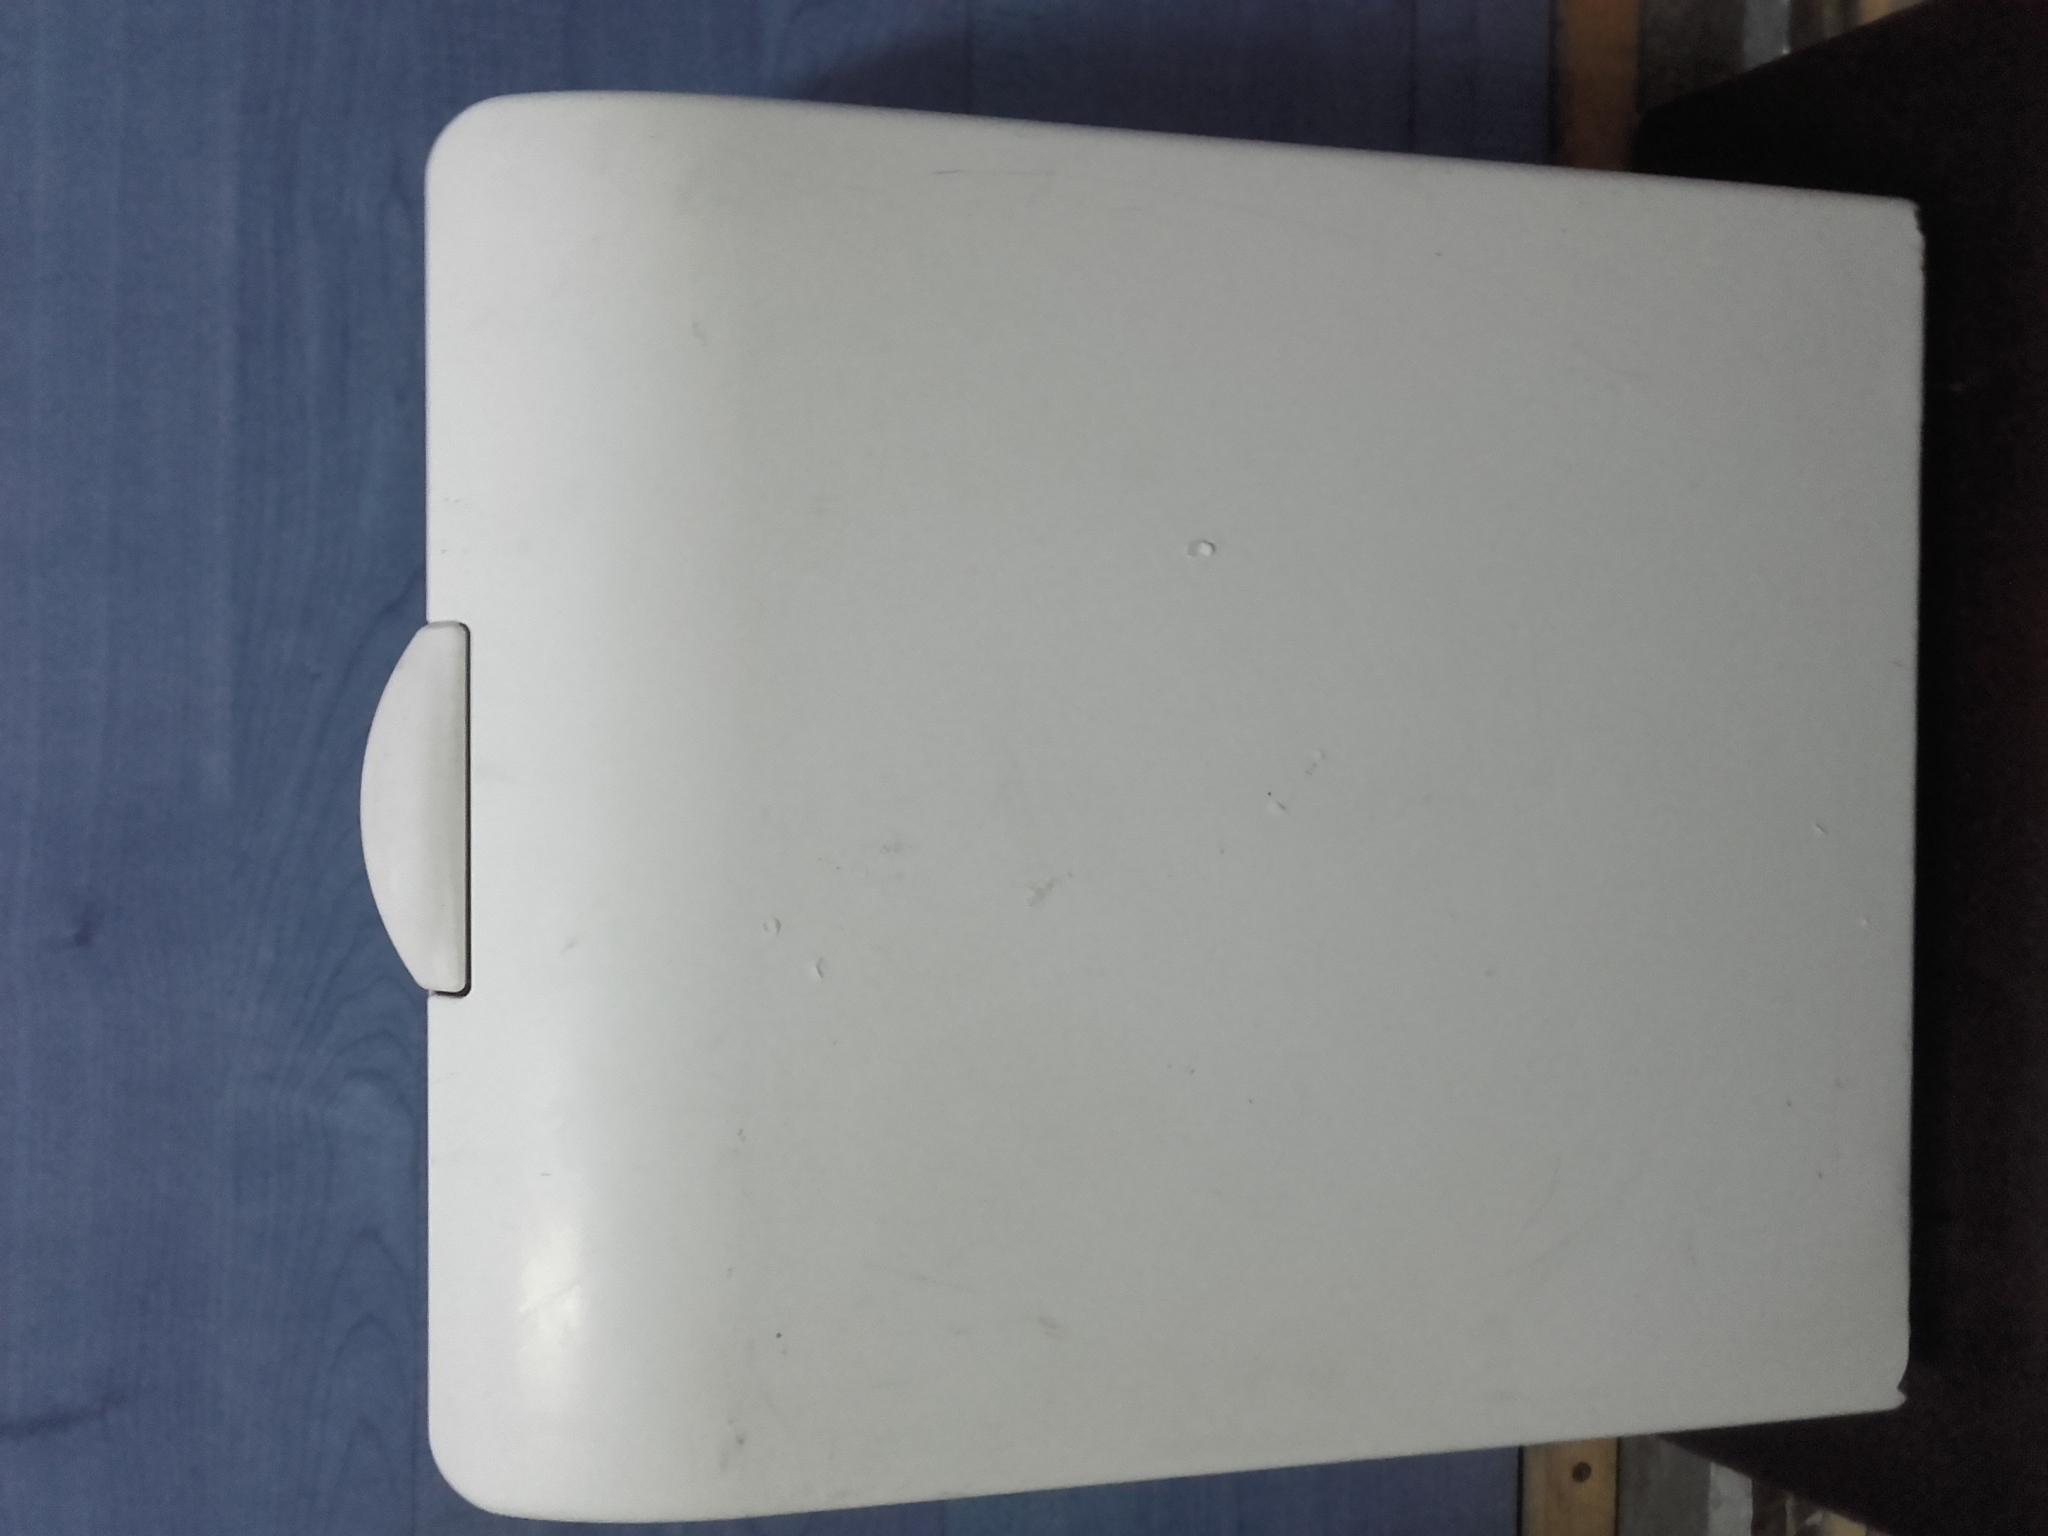 Fedélkeret (belső, bontott, eredeti) WHIRLPOOL mosógép